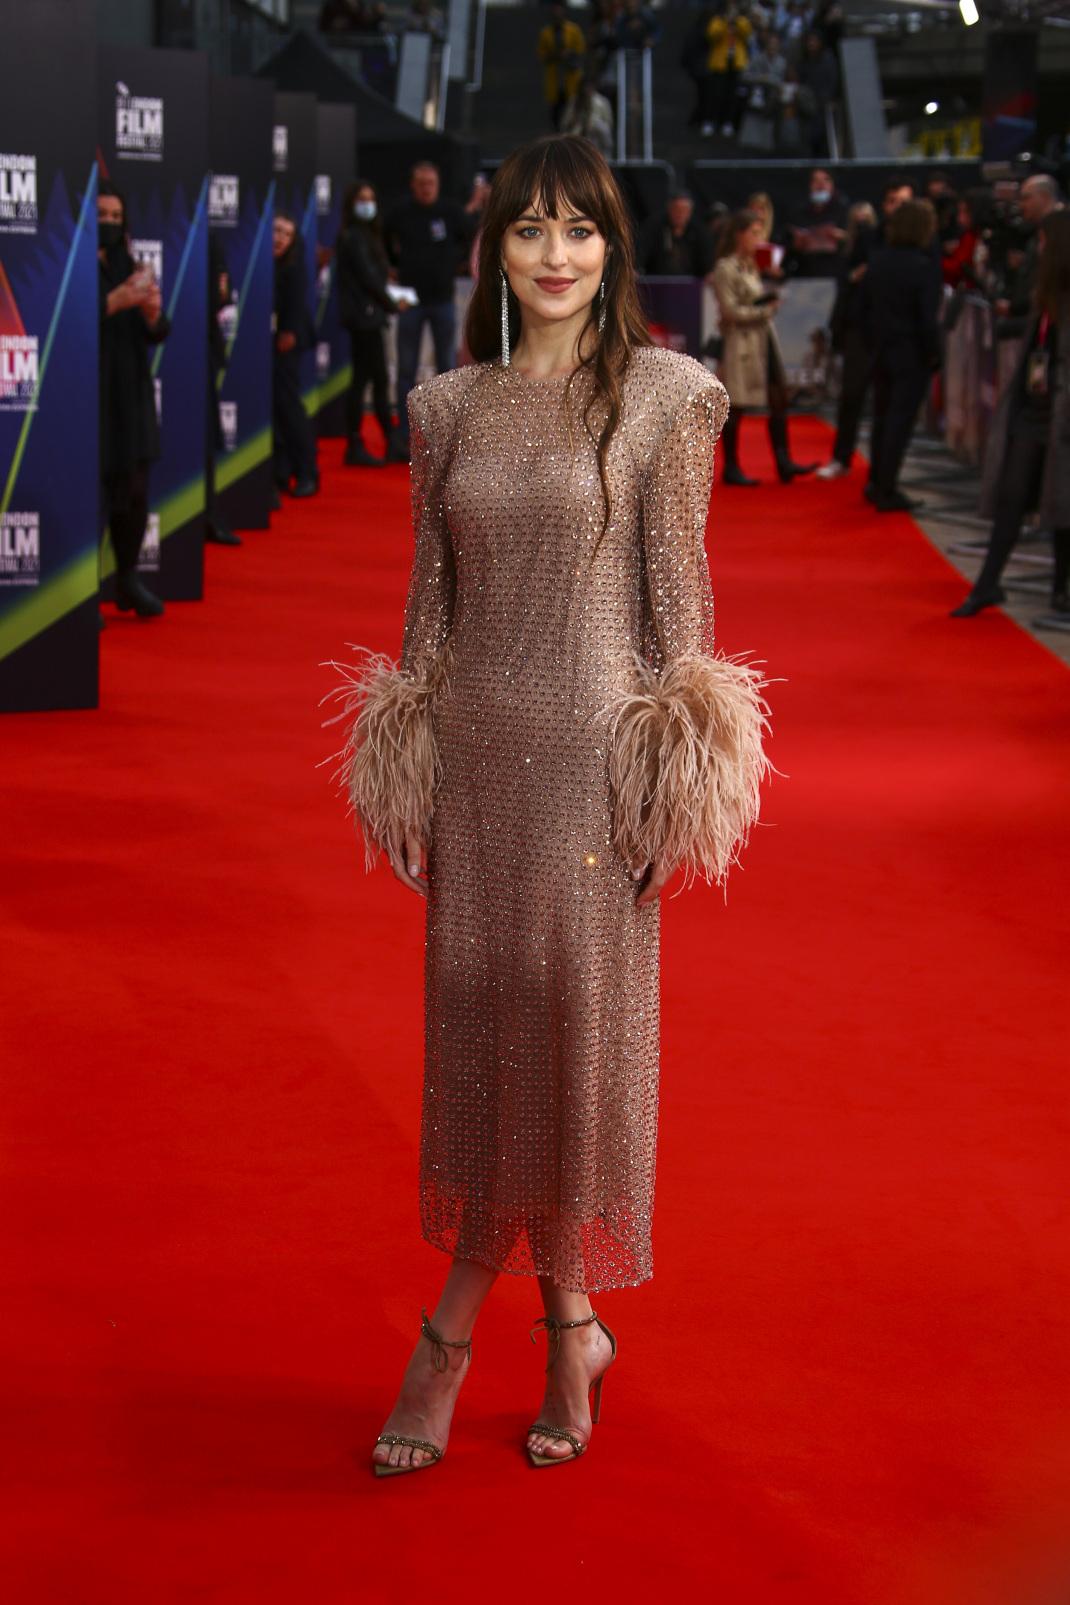 H εντυπωσιακή Ντακότα Τζόνσον με nude Gucci φόρεμα στο κόκκινο χαλί